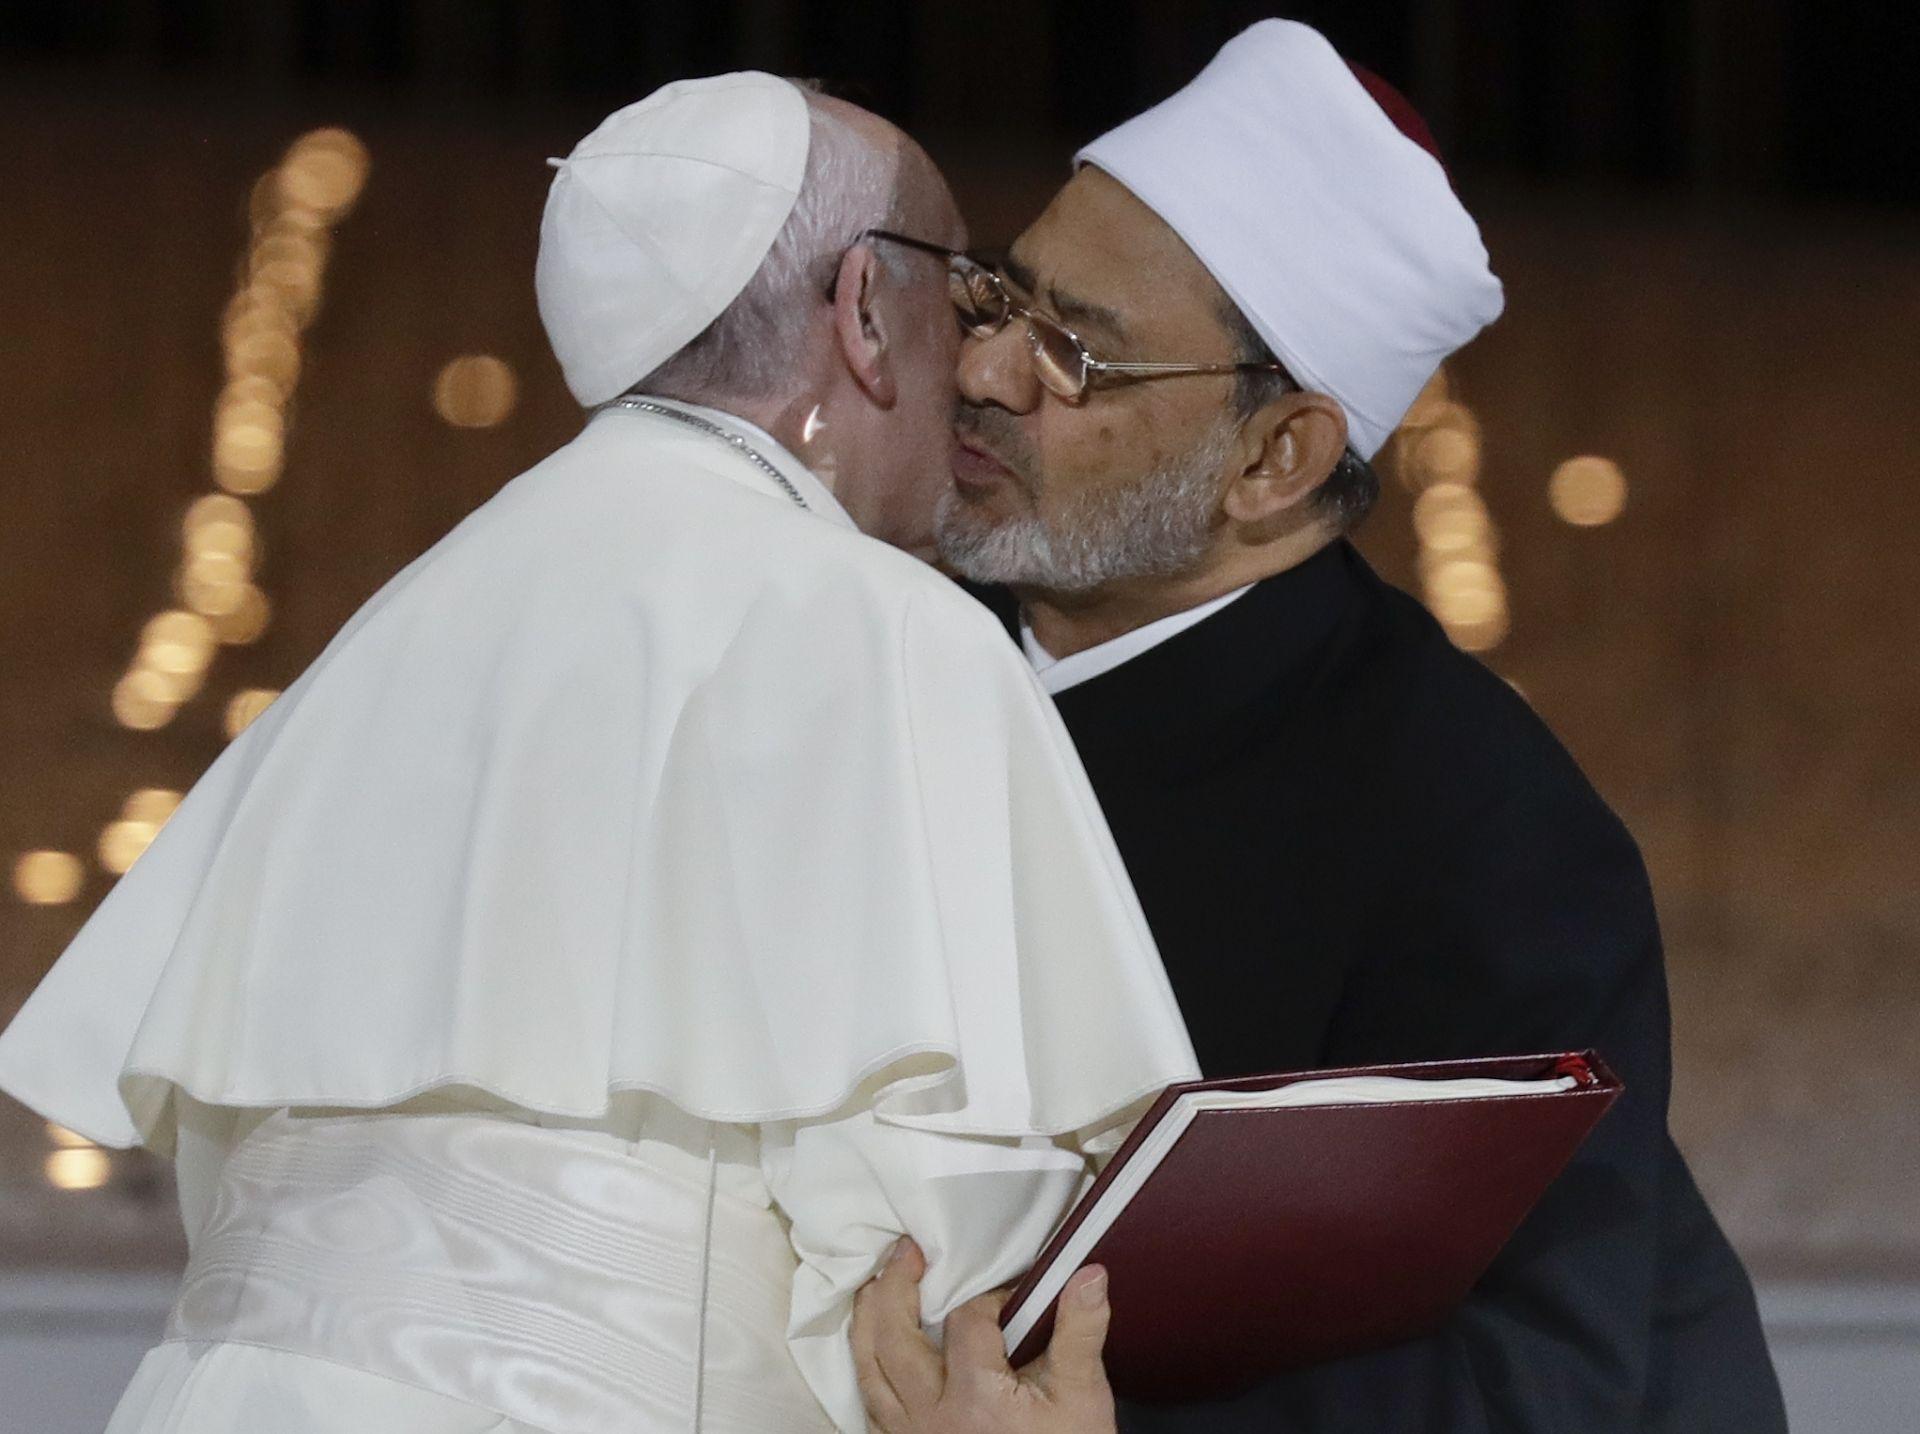 След речта си папа Франциск поздрави великия имам на джамията и университета Ал-Азхар в Кайро – една от най-престижните институции на сунитския ислям в света – великия имам шейх Ахмед ал Тайеб